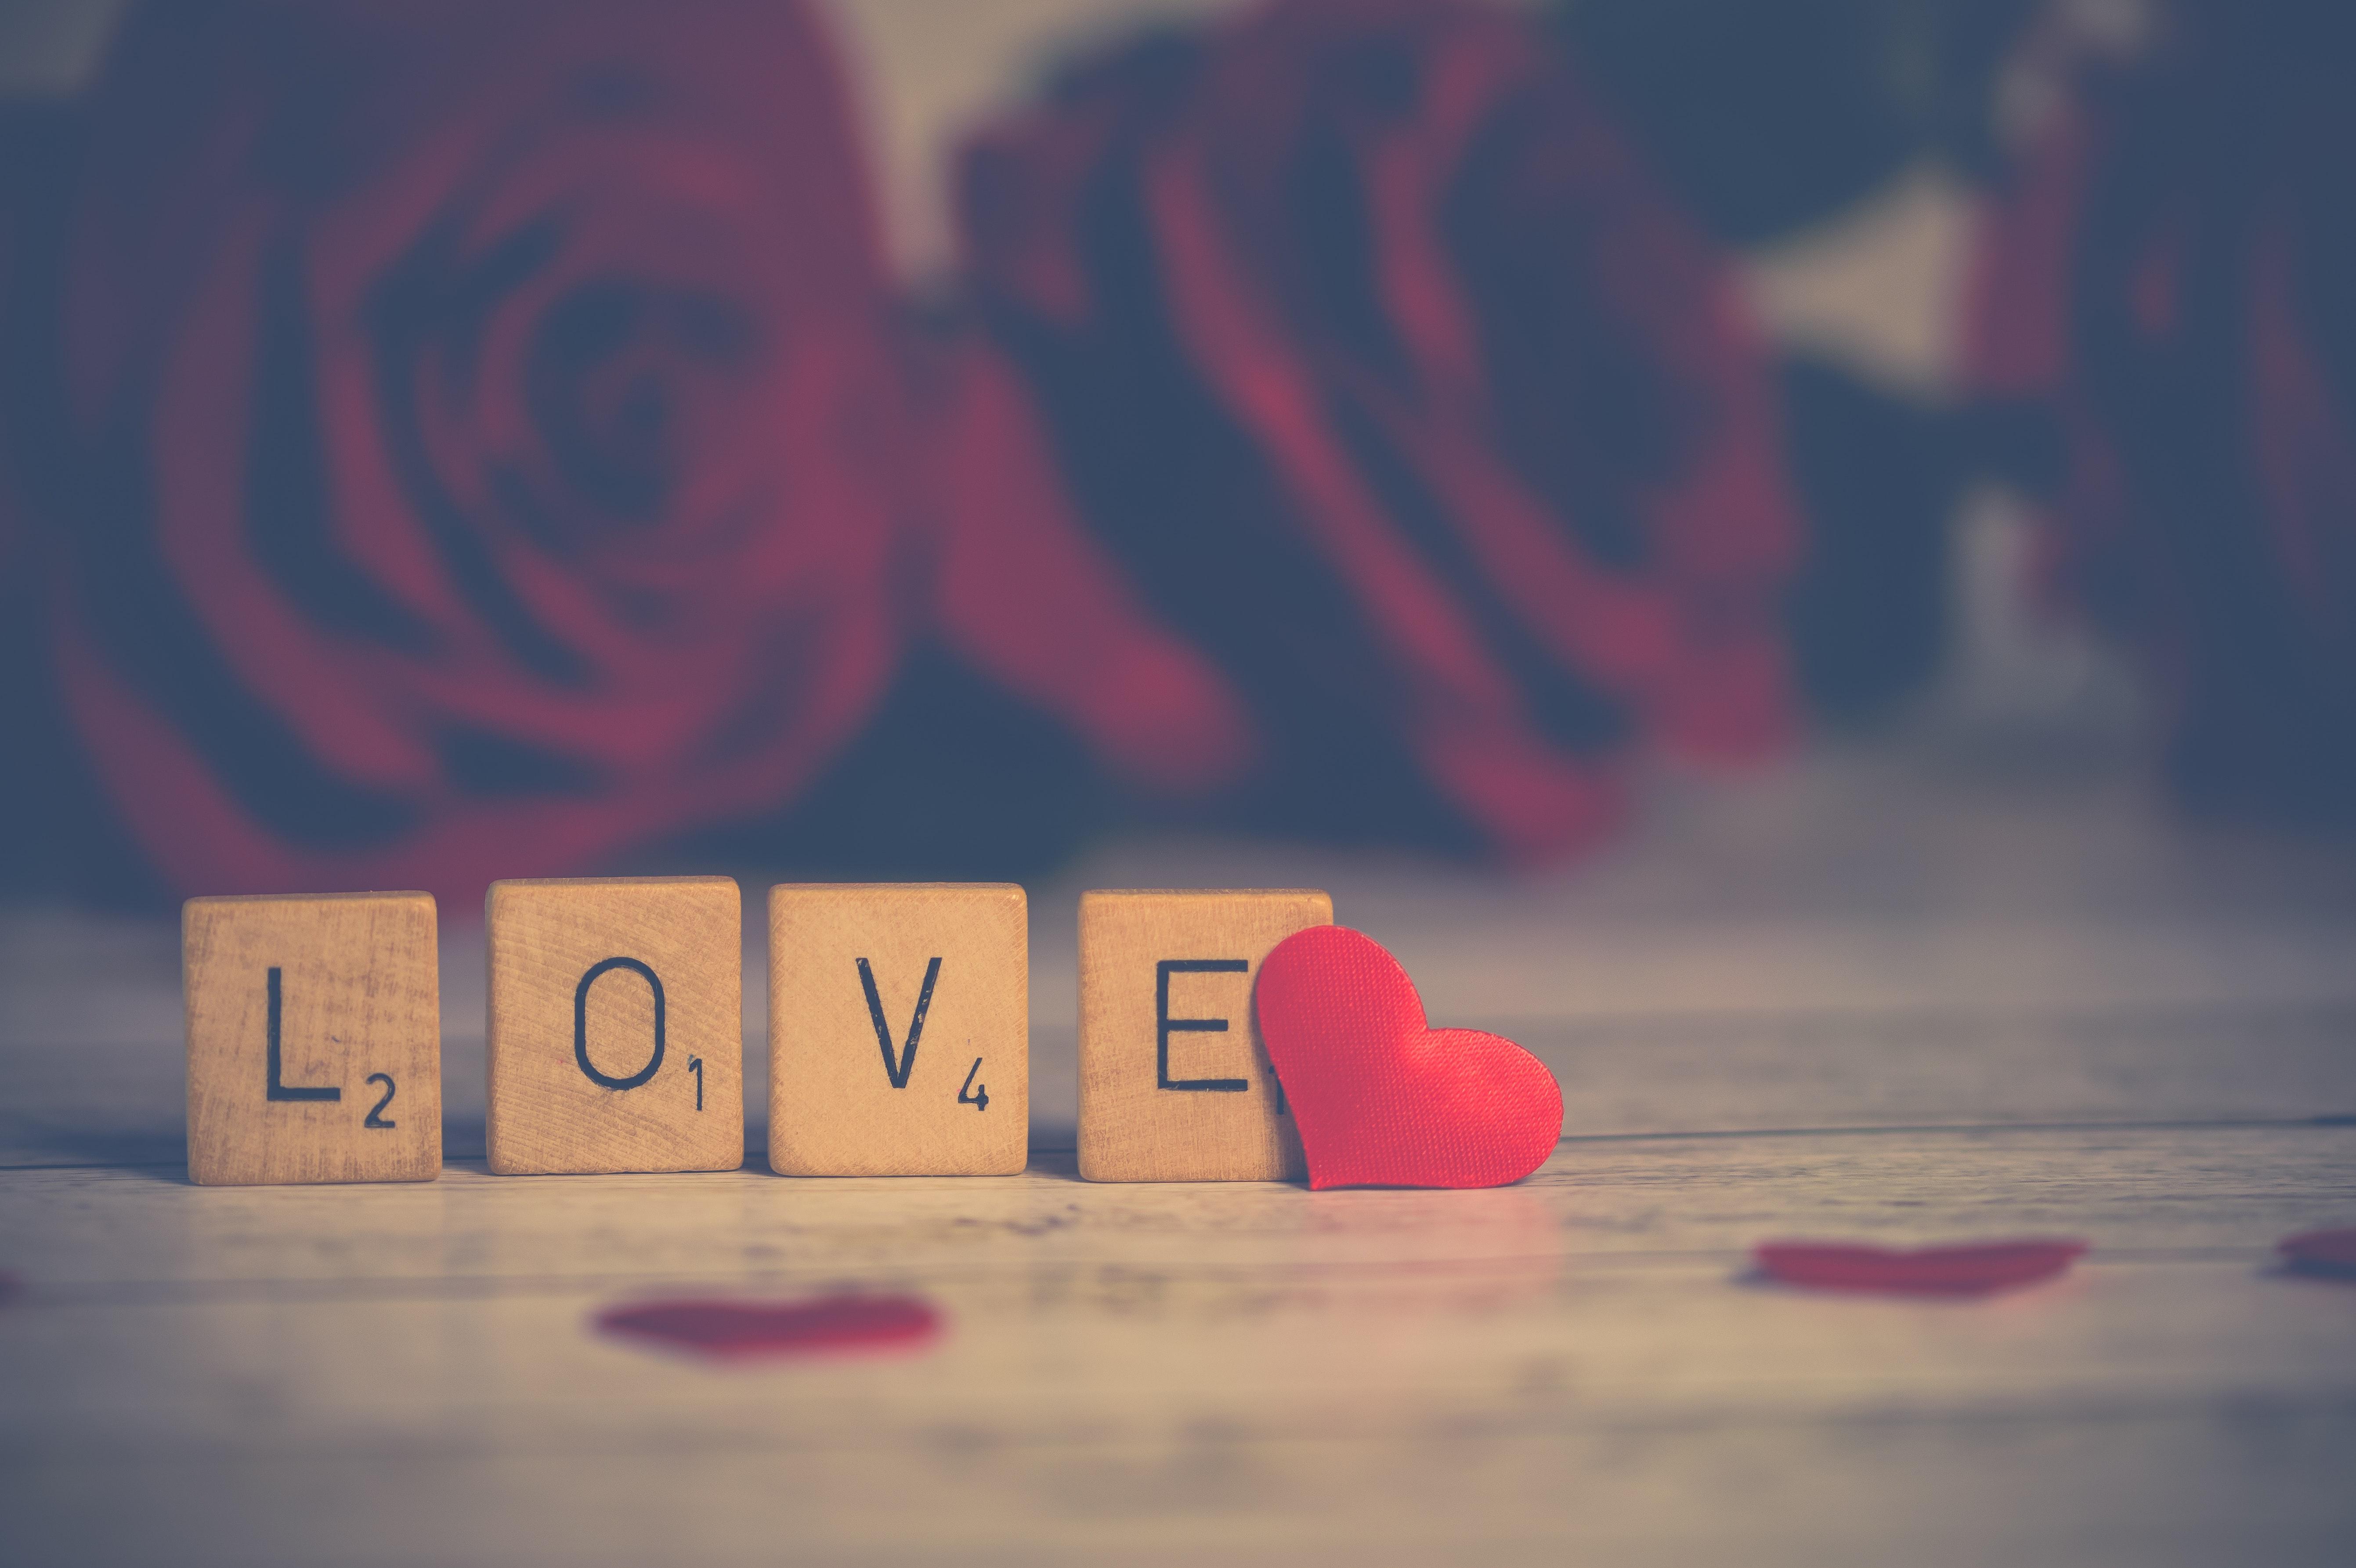 Download 105 Background Love Images HD Gratis